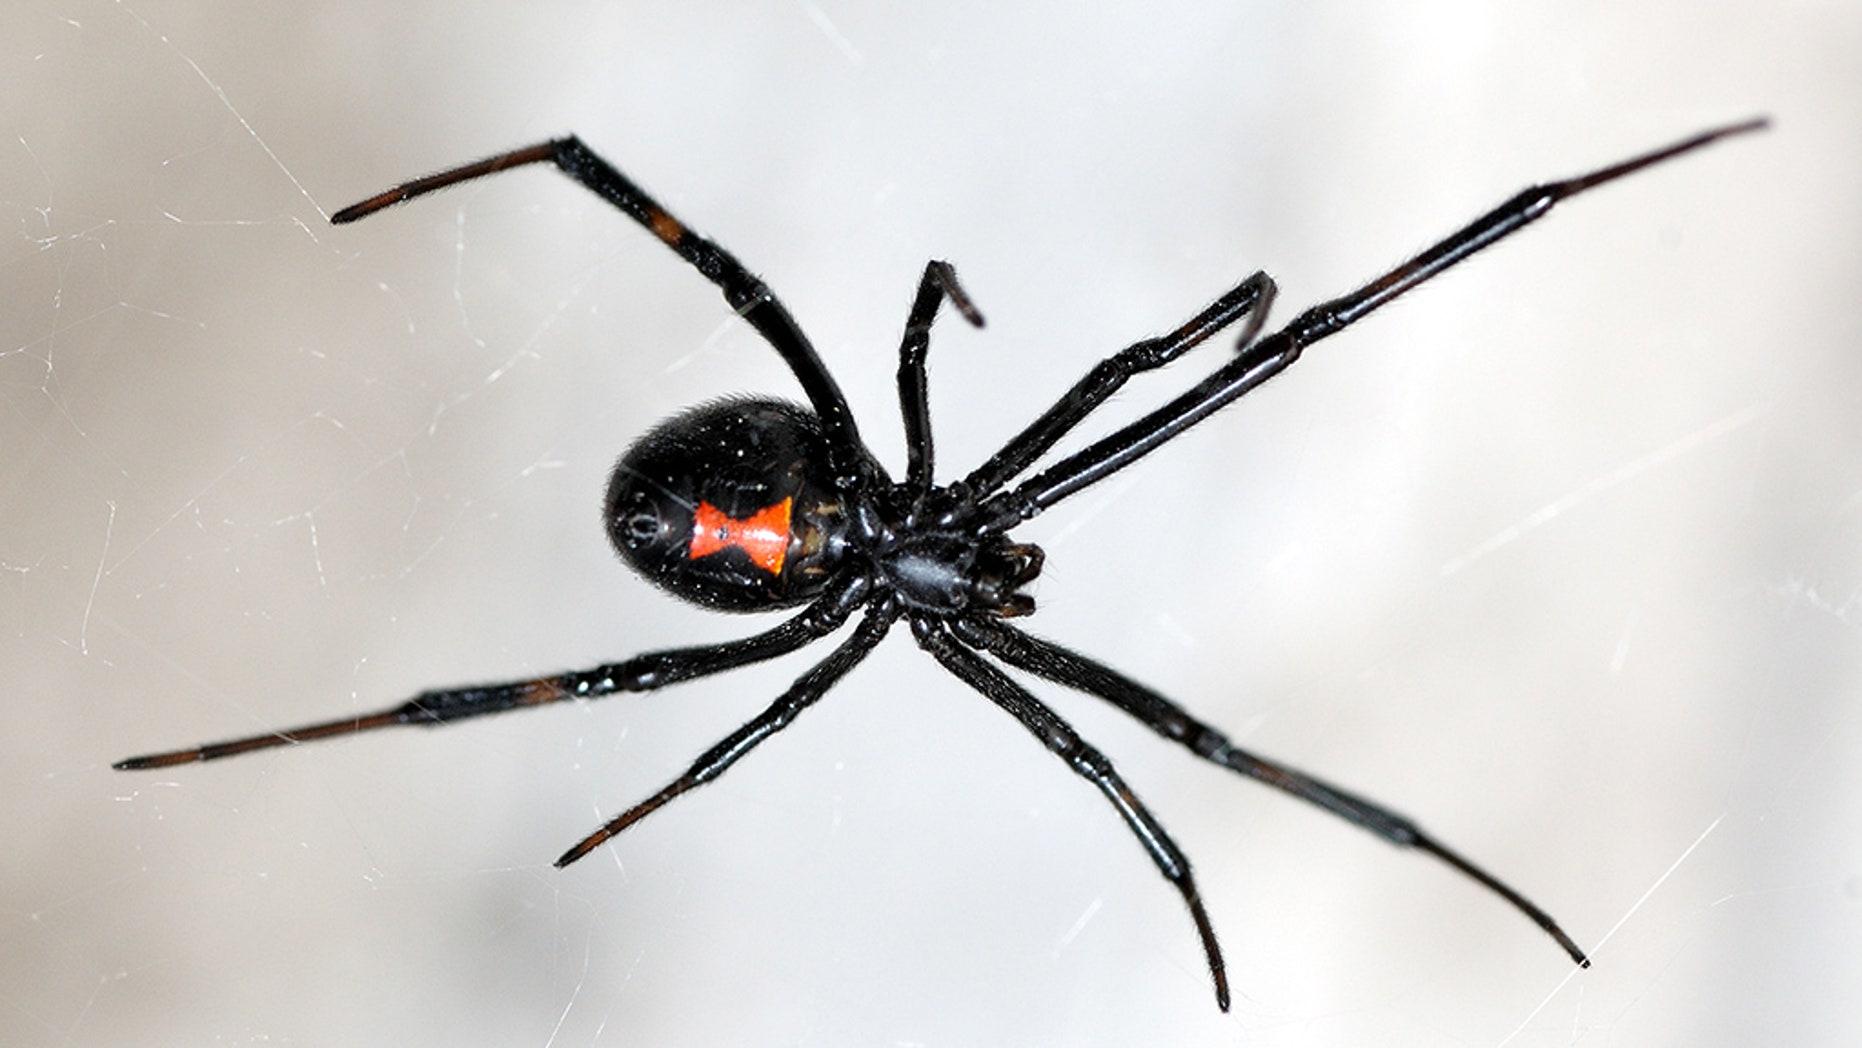 A black widow spider.